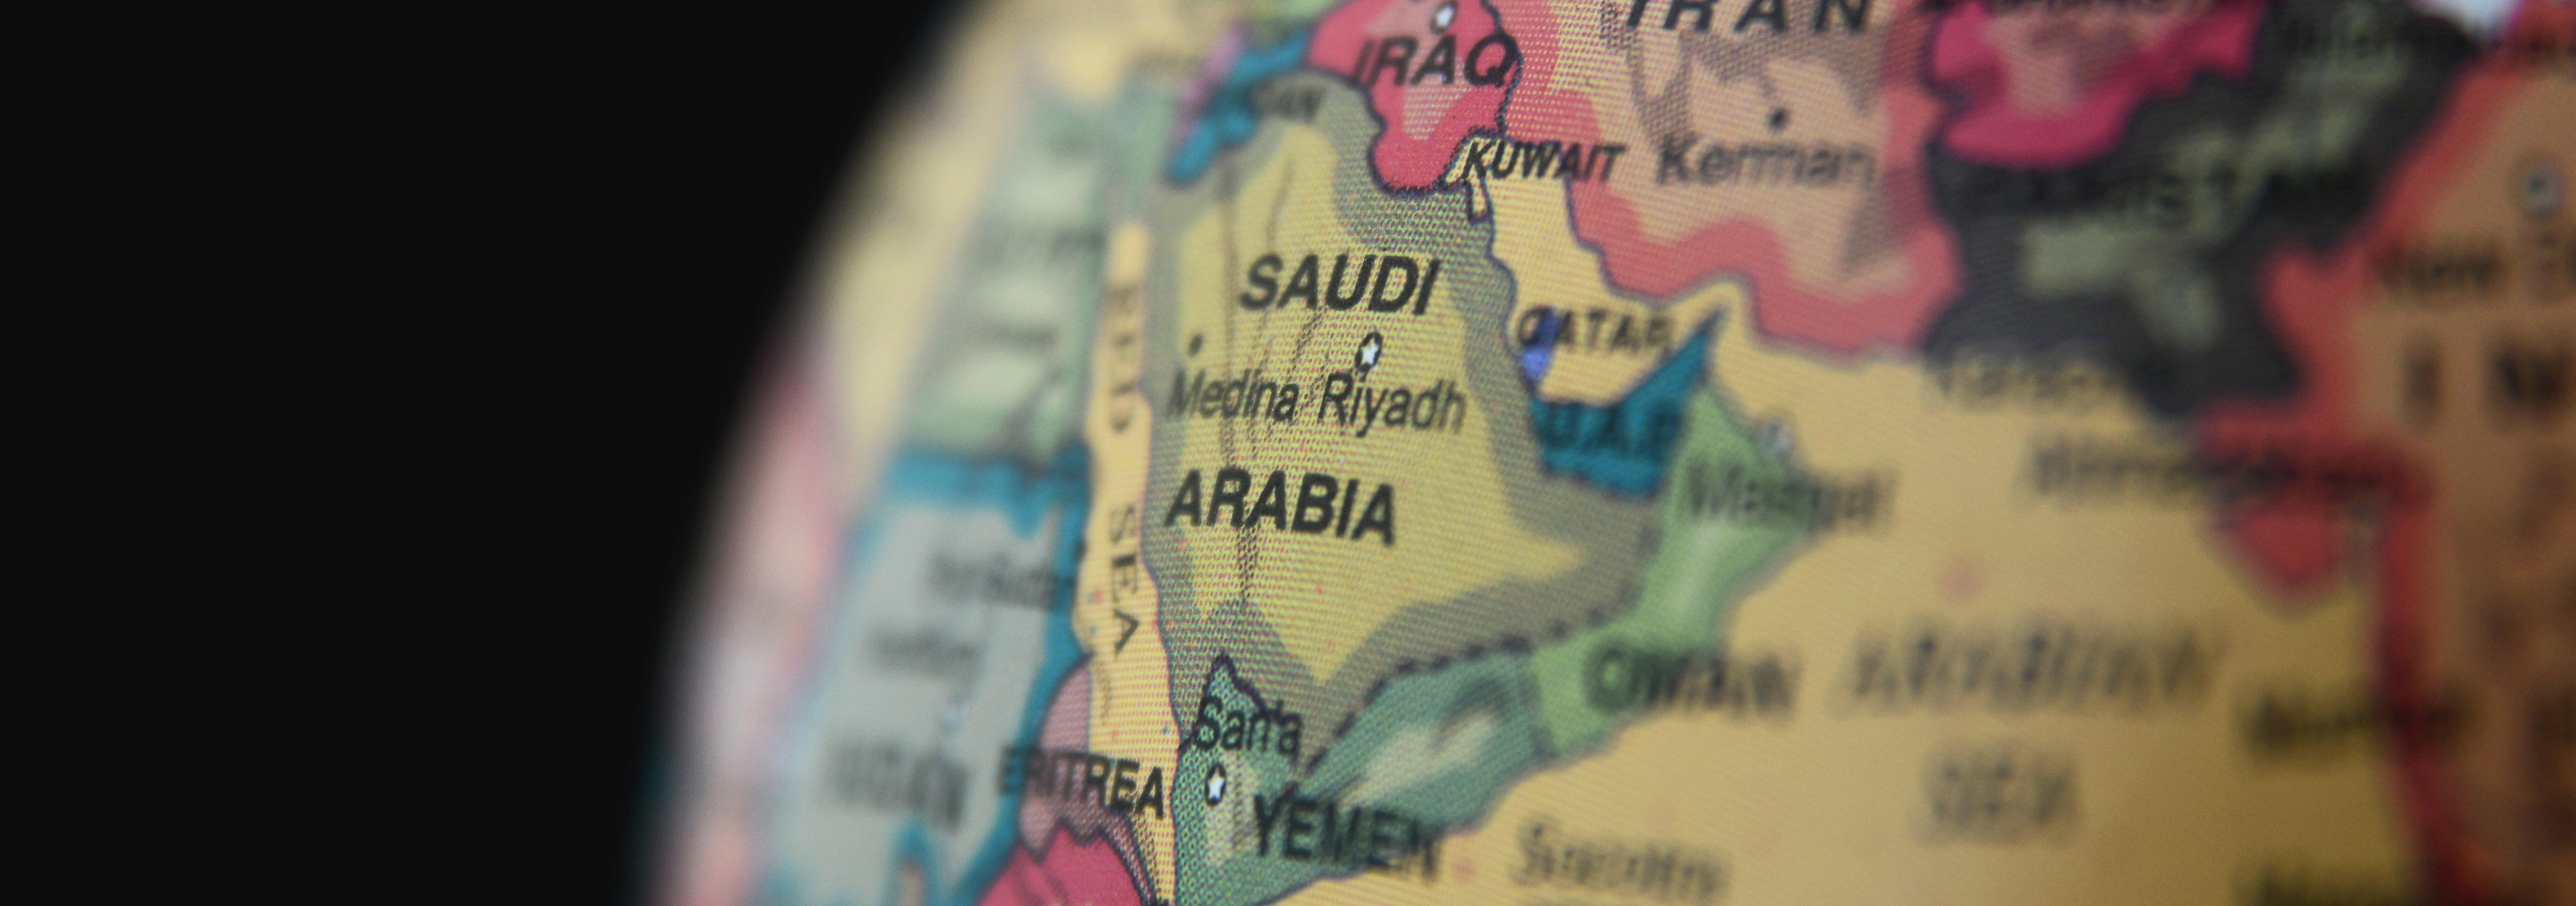 globe mettant en valeur Saudi Arabia